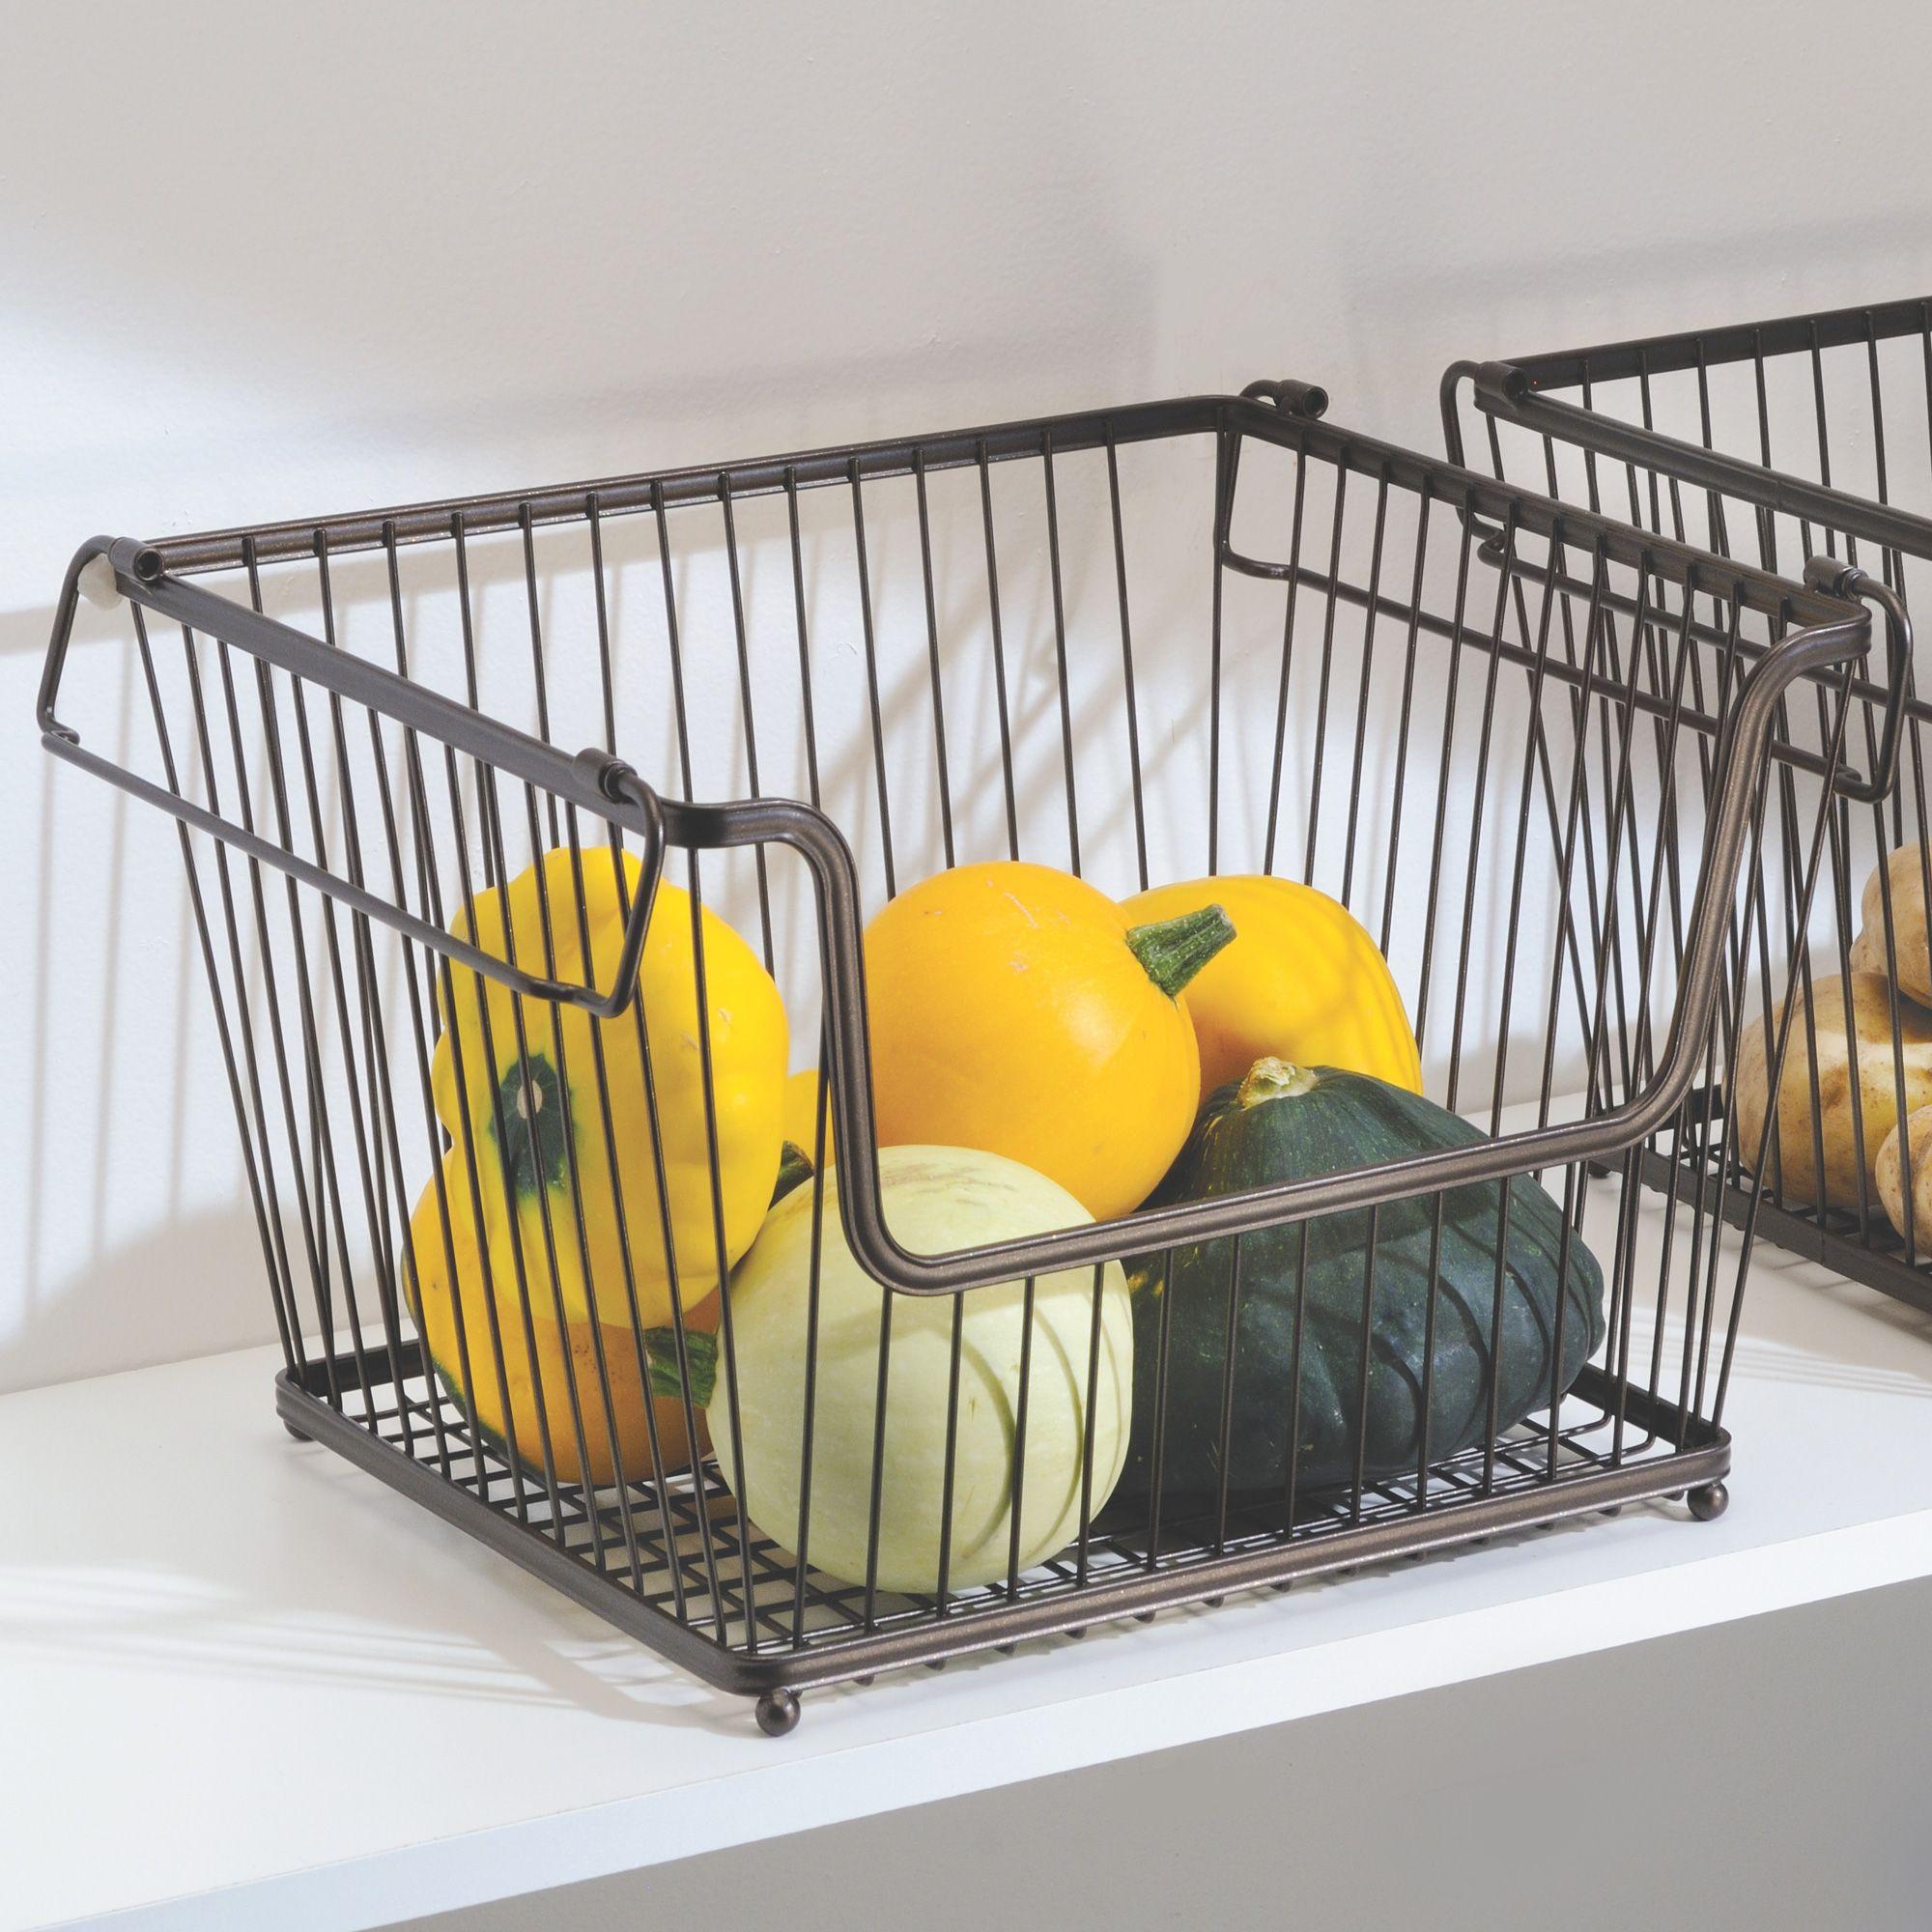 Rangement Fruits Et Légumes: Bac De Rangement Empilable En Acier Interdesign